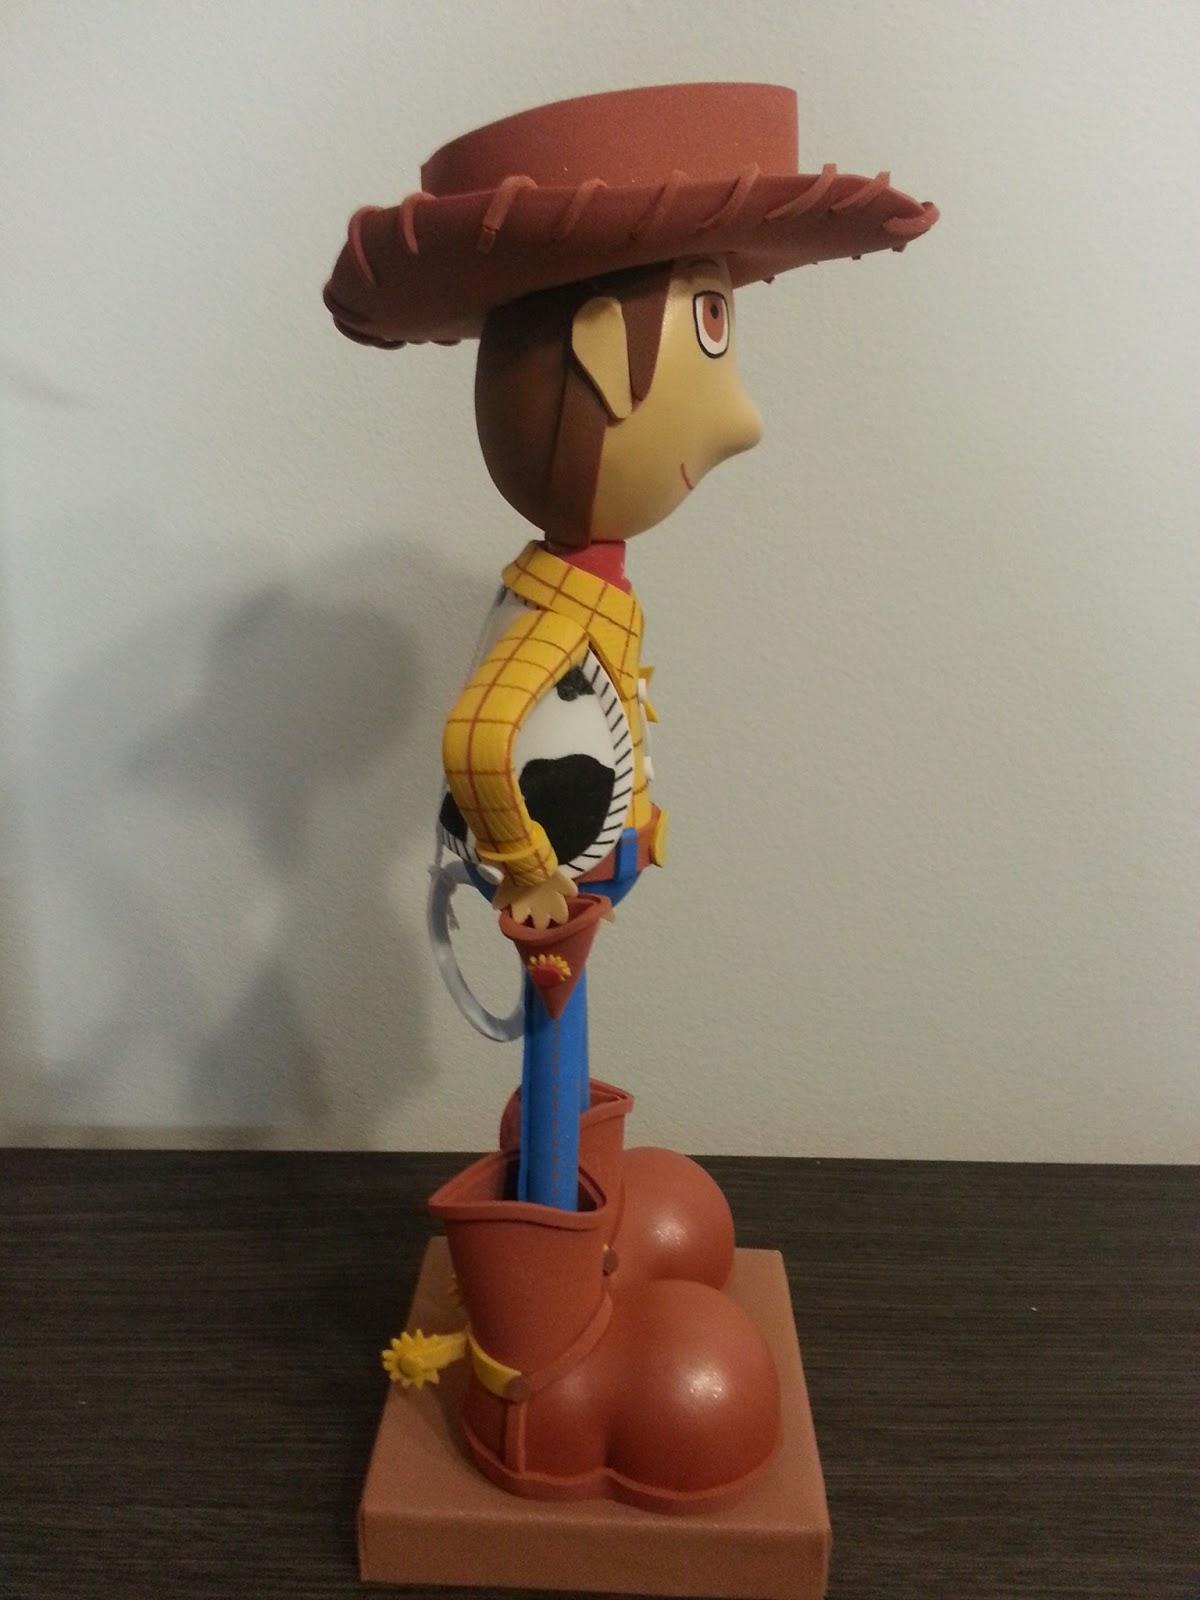 Precio  35€ (A la venta en tienda Karamelo en Barbera del Valles) Aqui os  dejo la foto de la fofucha de Woody de la pelicula de Toy Story. Como  podeis ver ... f6c6735d972